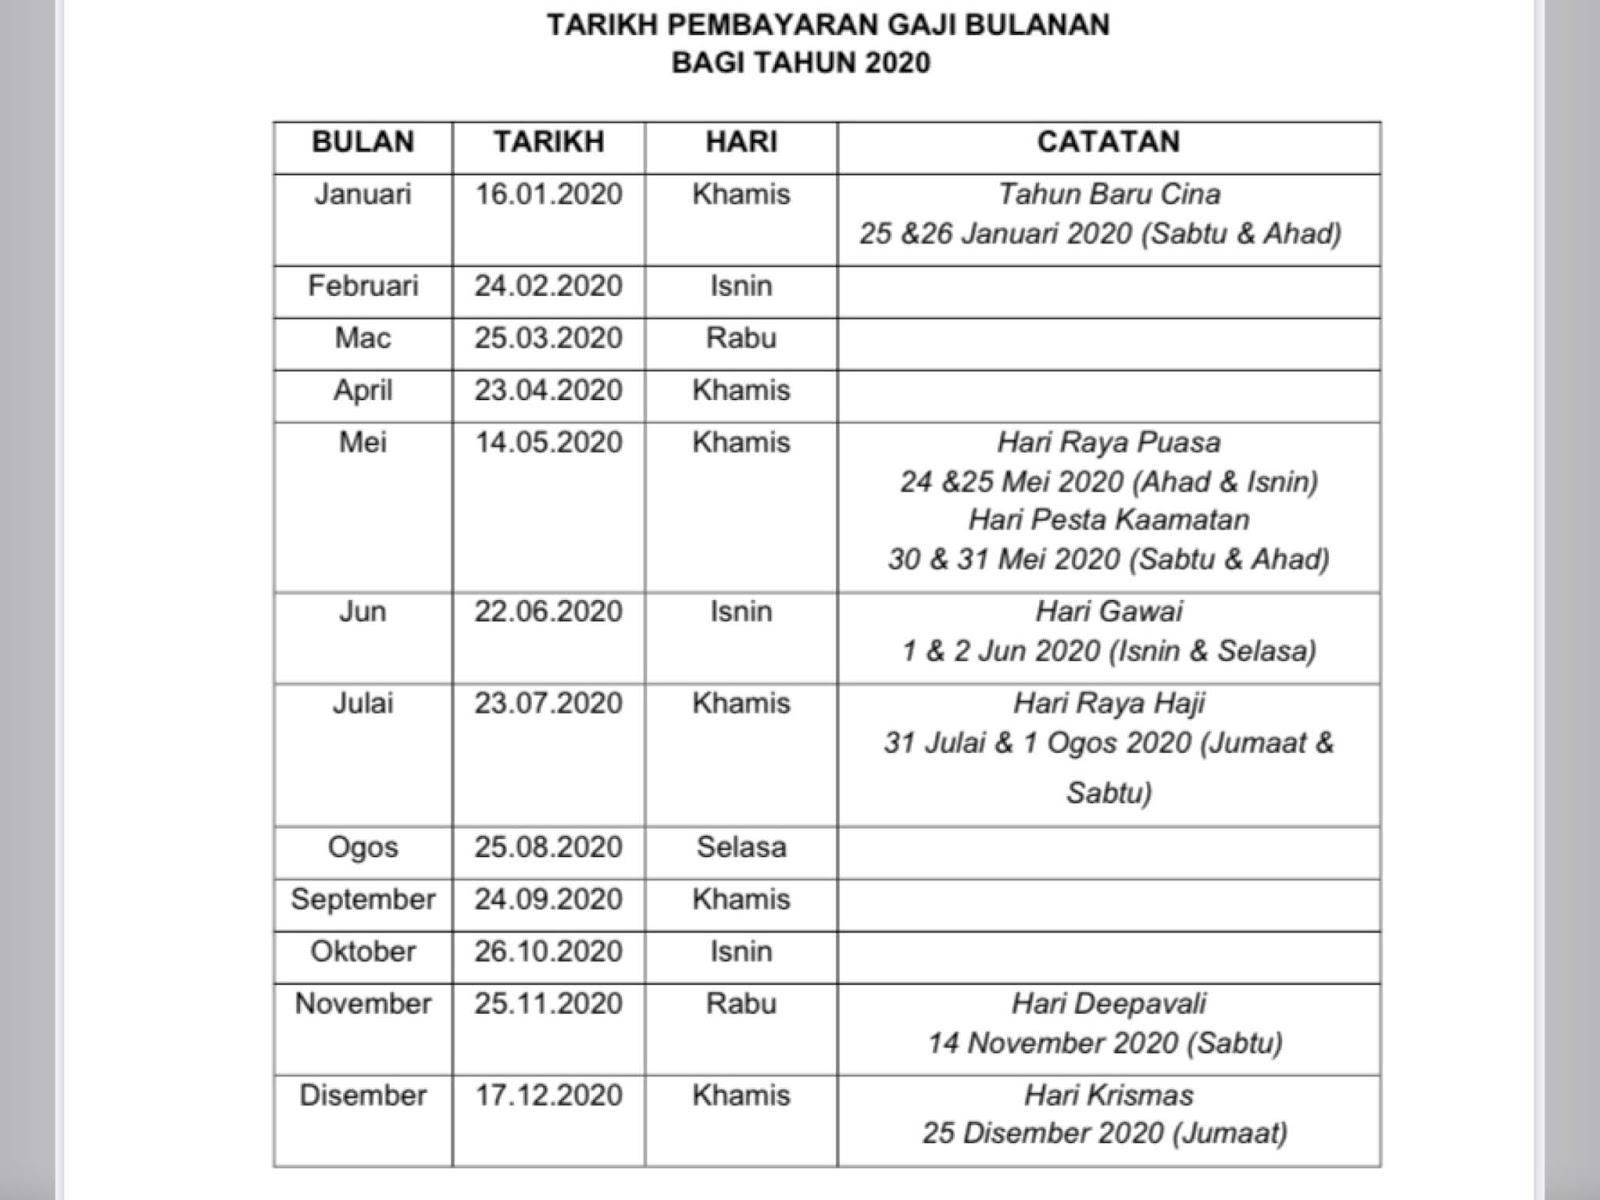 Jadual Dan Tarikh Pembayaran Gaji Penjawat Awam Tahun 2020 Berita Malay